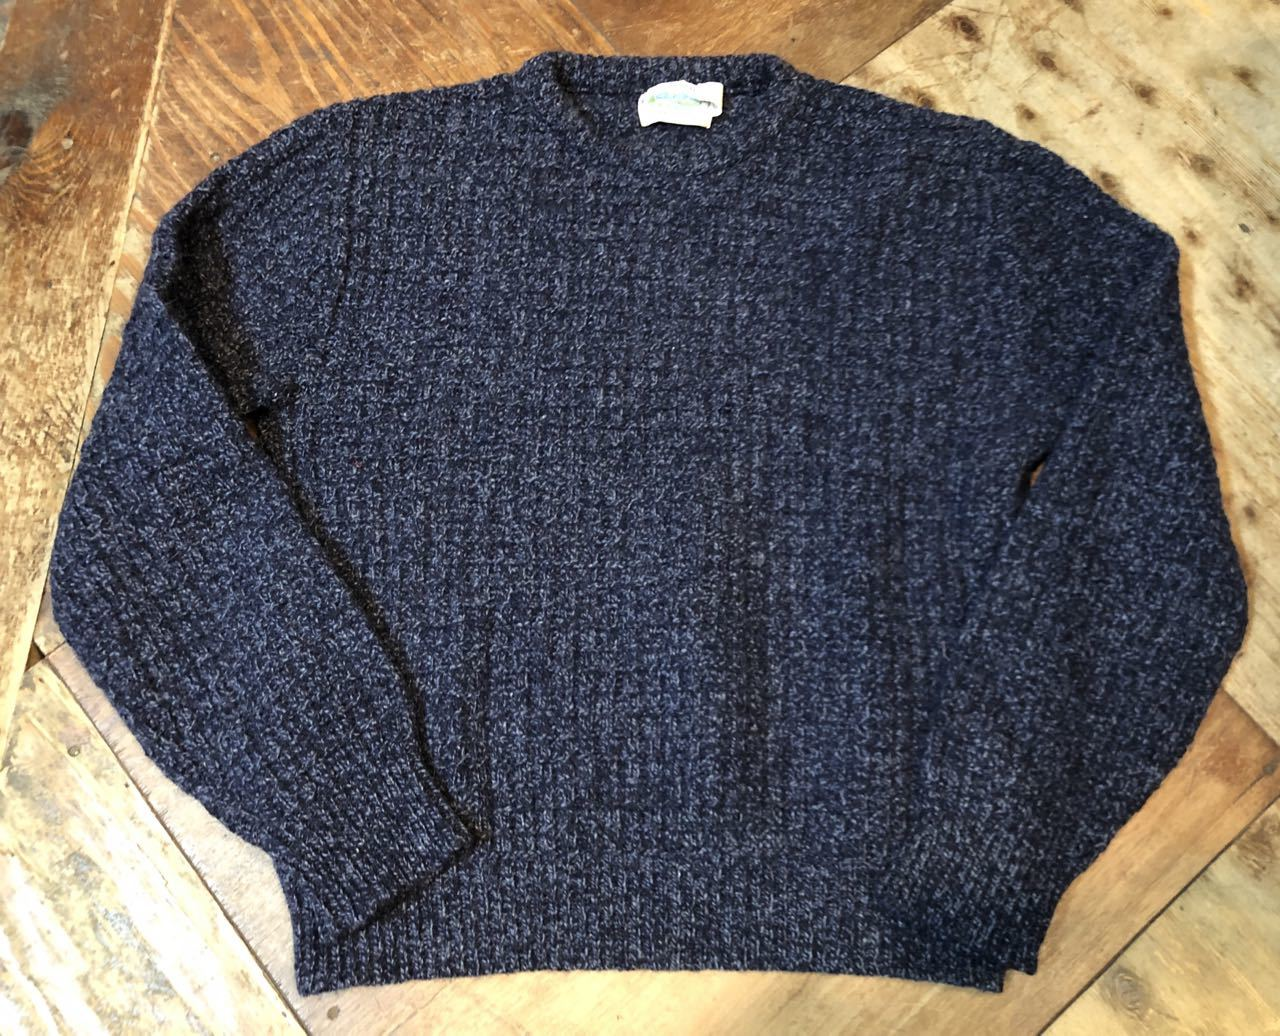 12月7日(土)入荷!デッドストック MADE IN IRELAND ARAN セーター(フィッシャーマンズセーター)など色々入荷!_c0144020_13571135.jpg